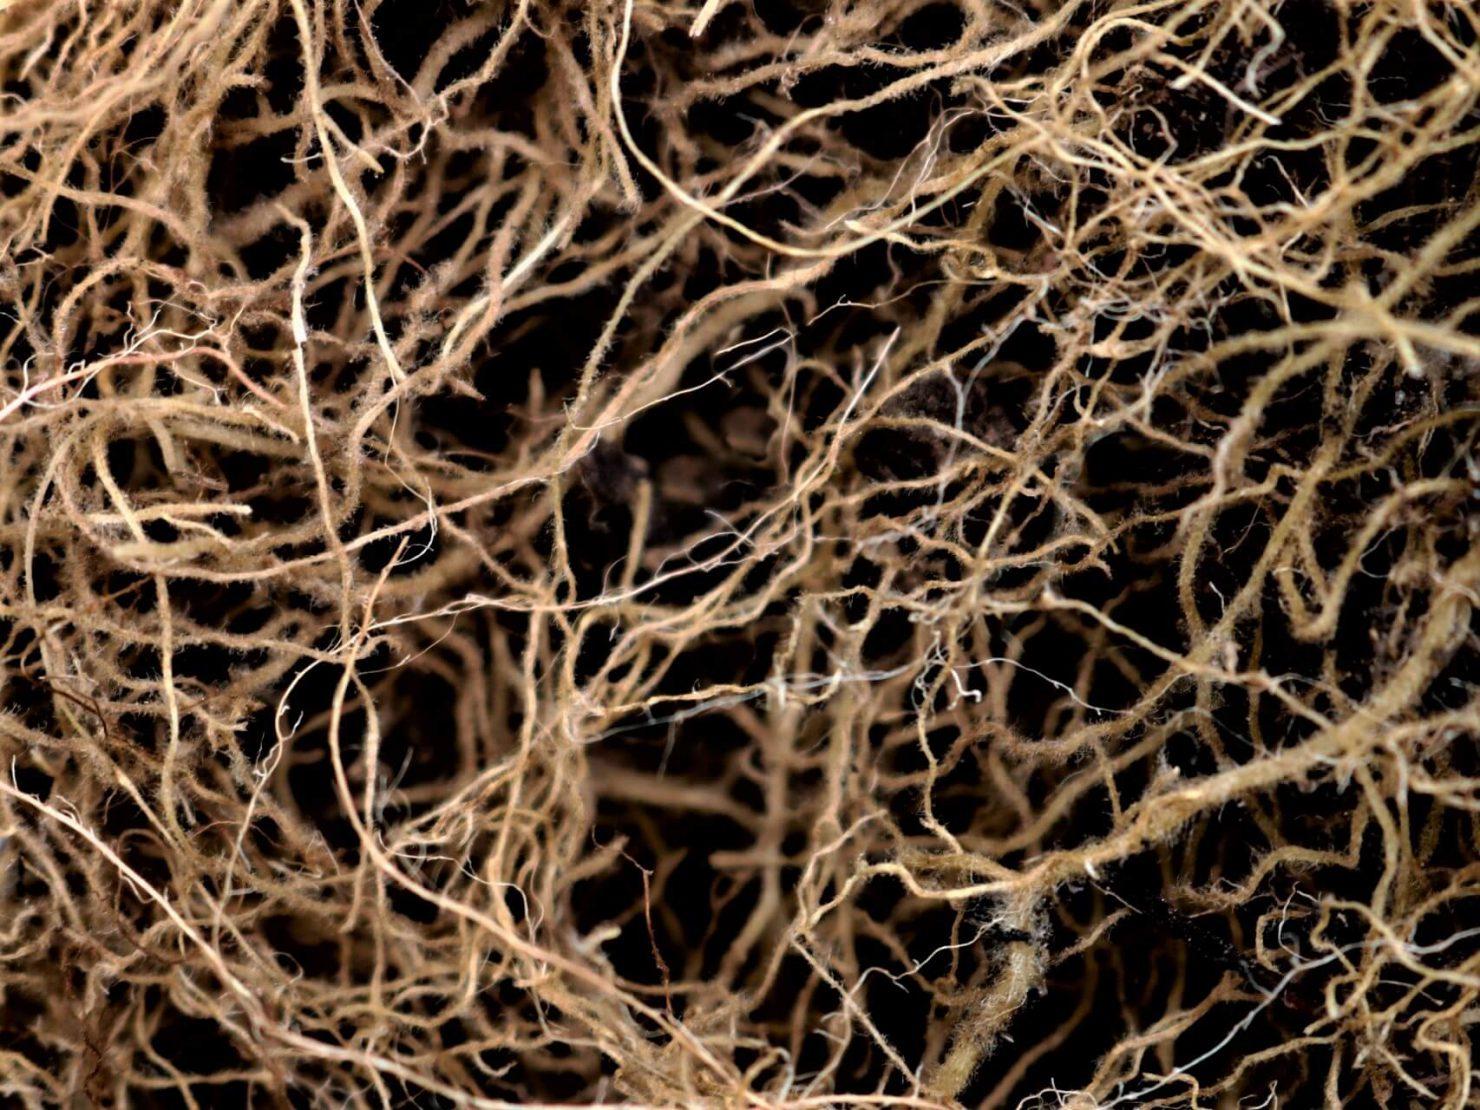 キャンディダパラプシローシス生菌製剤イメージ